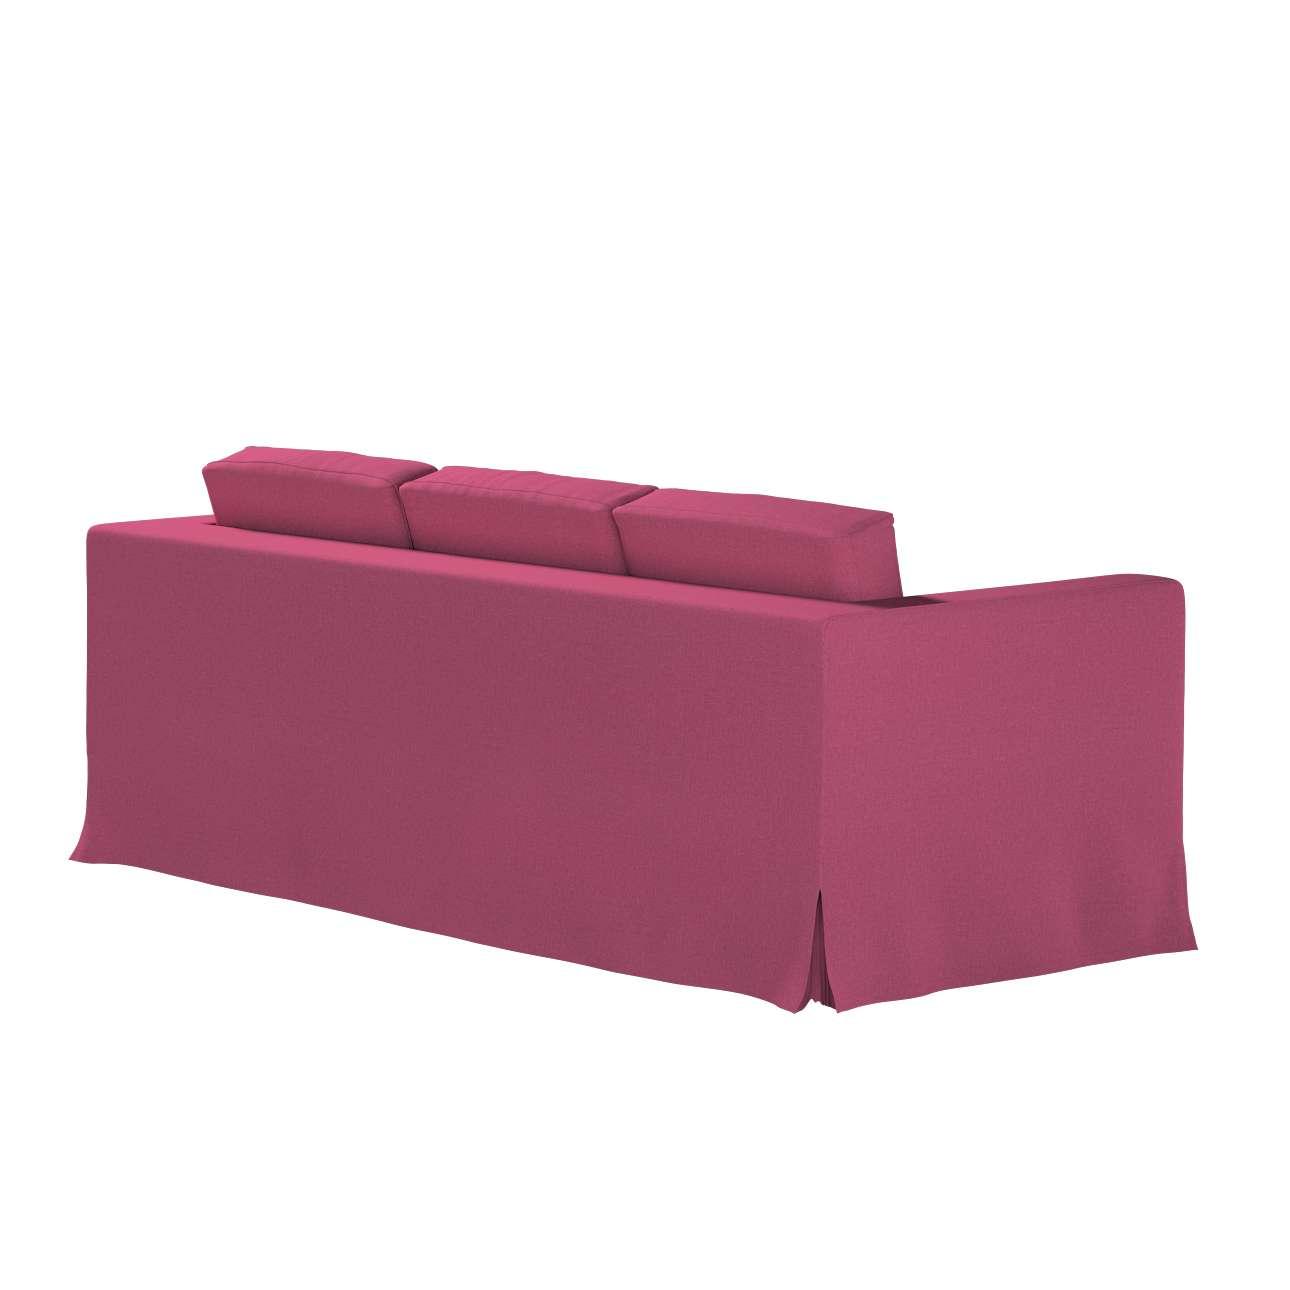 Karlanda klädsel 3-sits soffa - lång i kollektionen Living, Tyg: 160-44